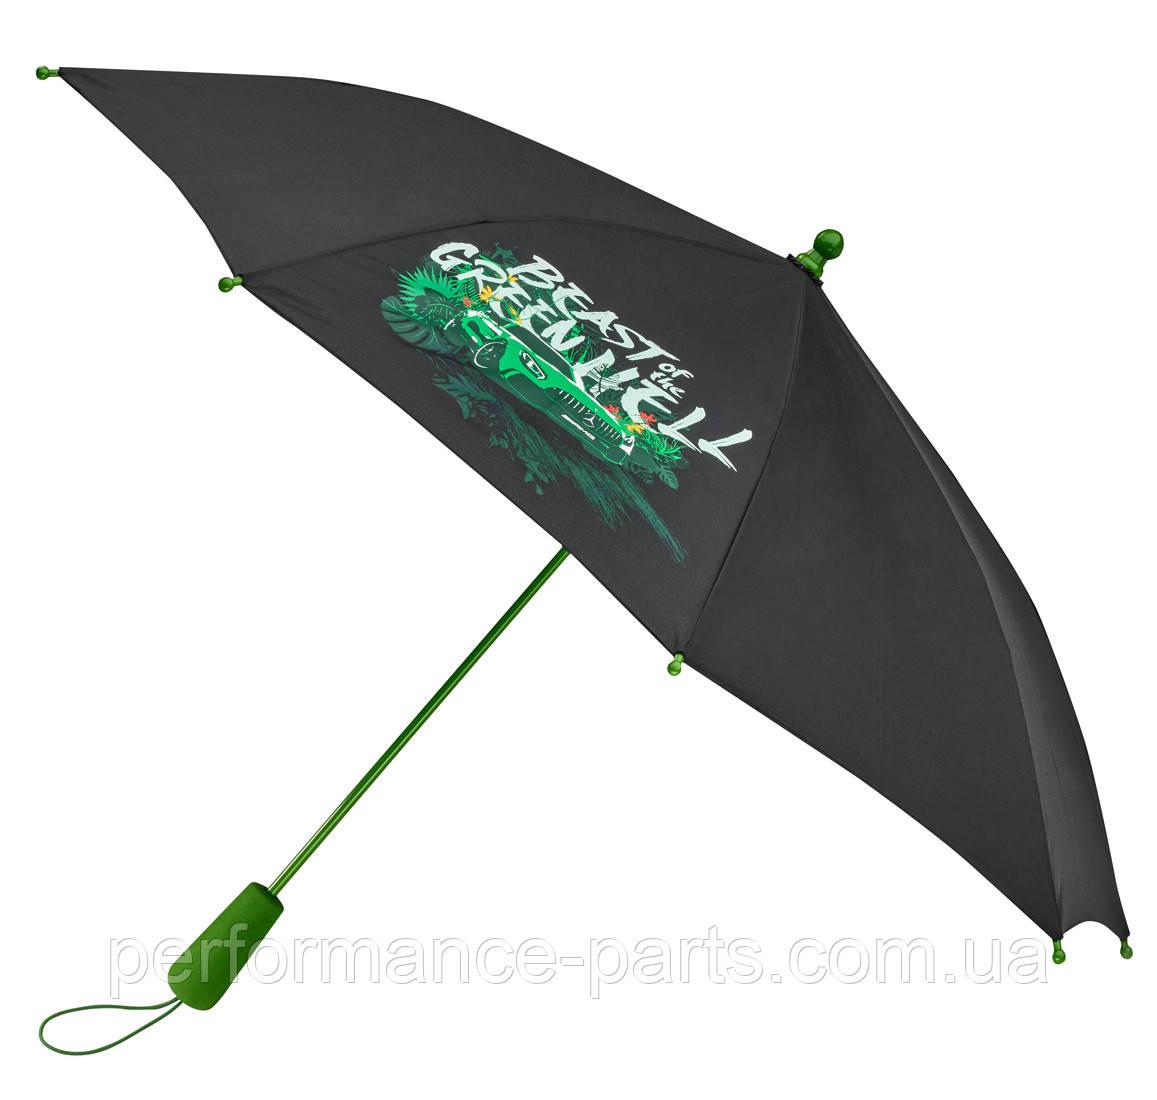 Дитячий парасольку Mercedes-AMG GT-R children's Umbrella B66955025